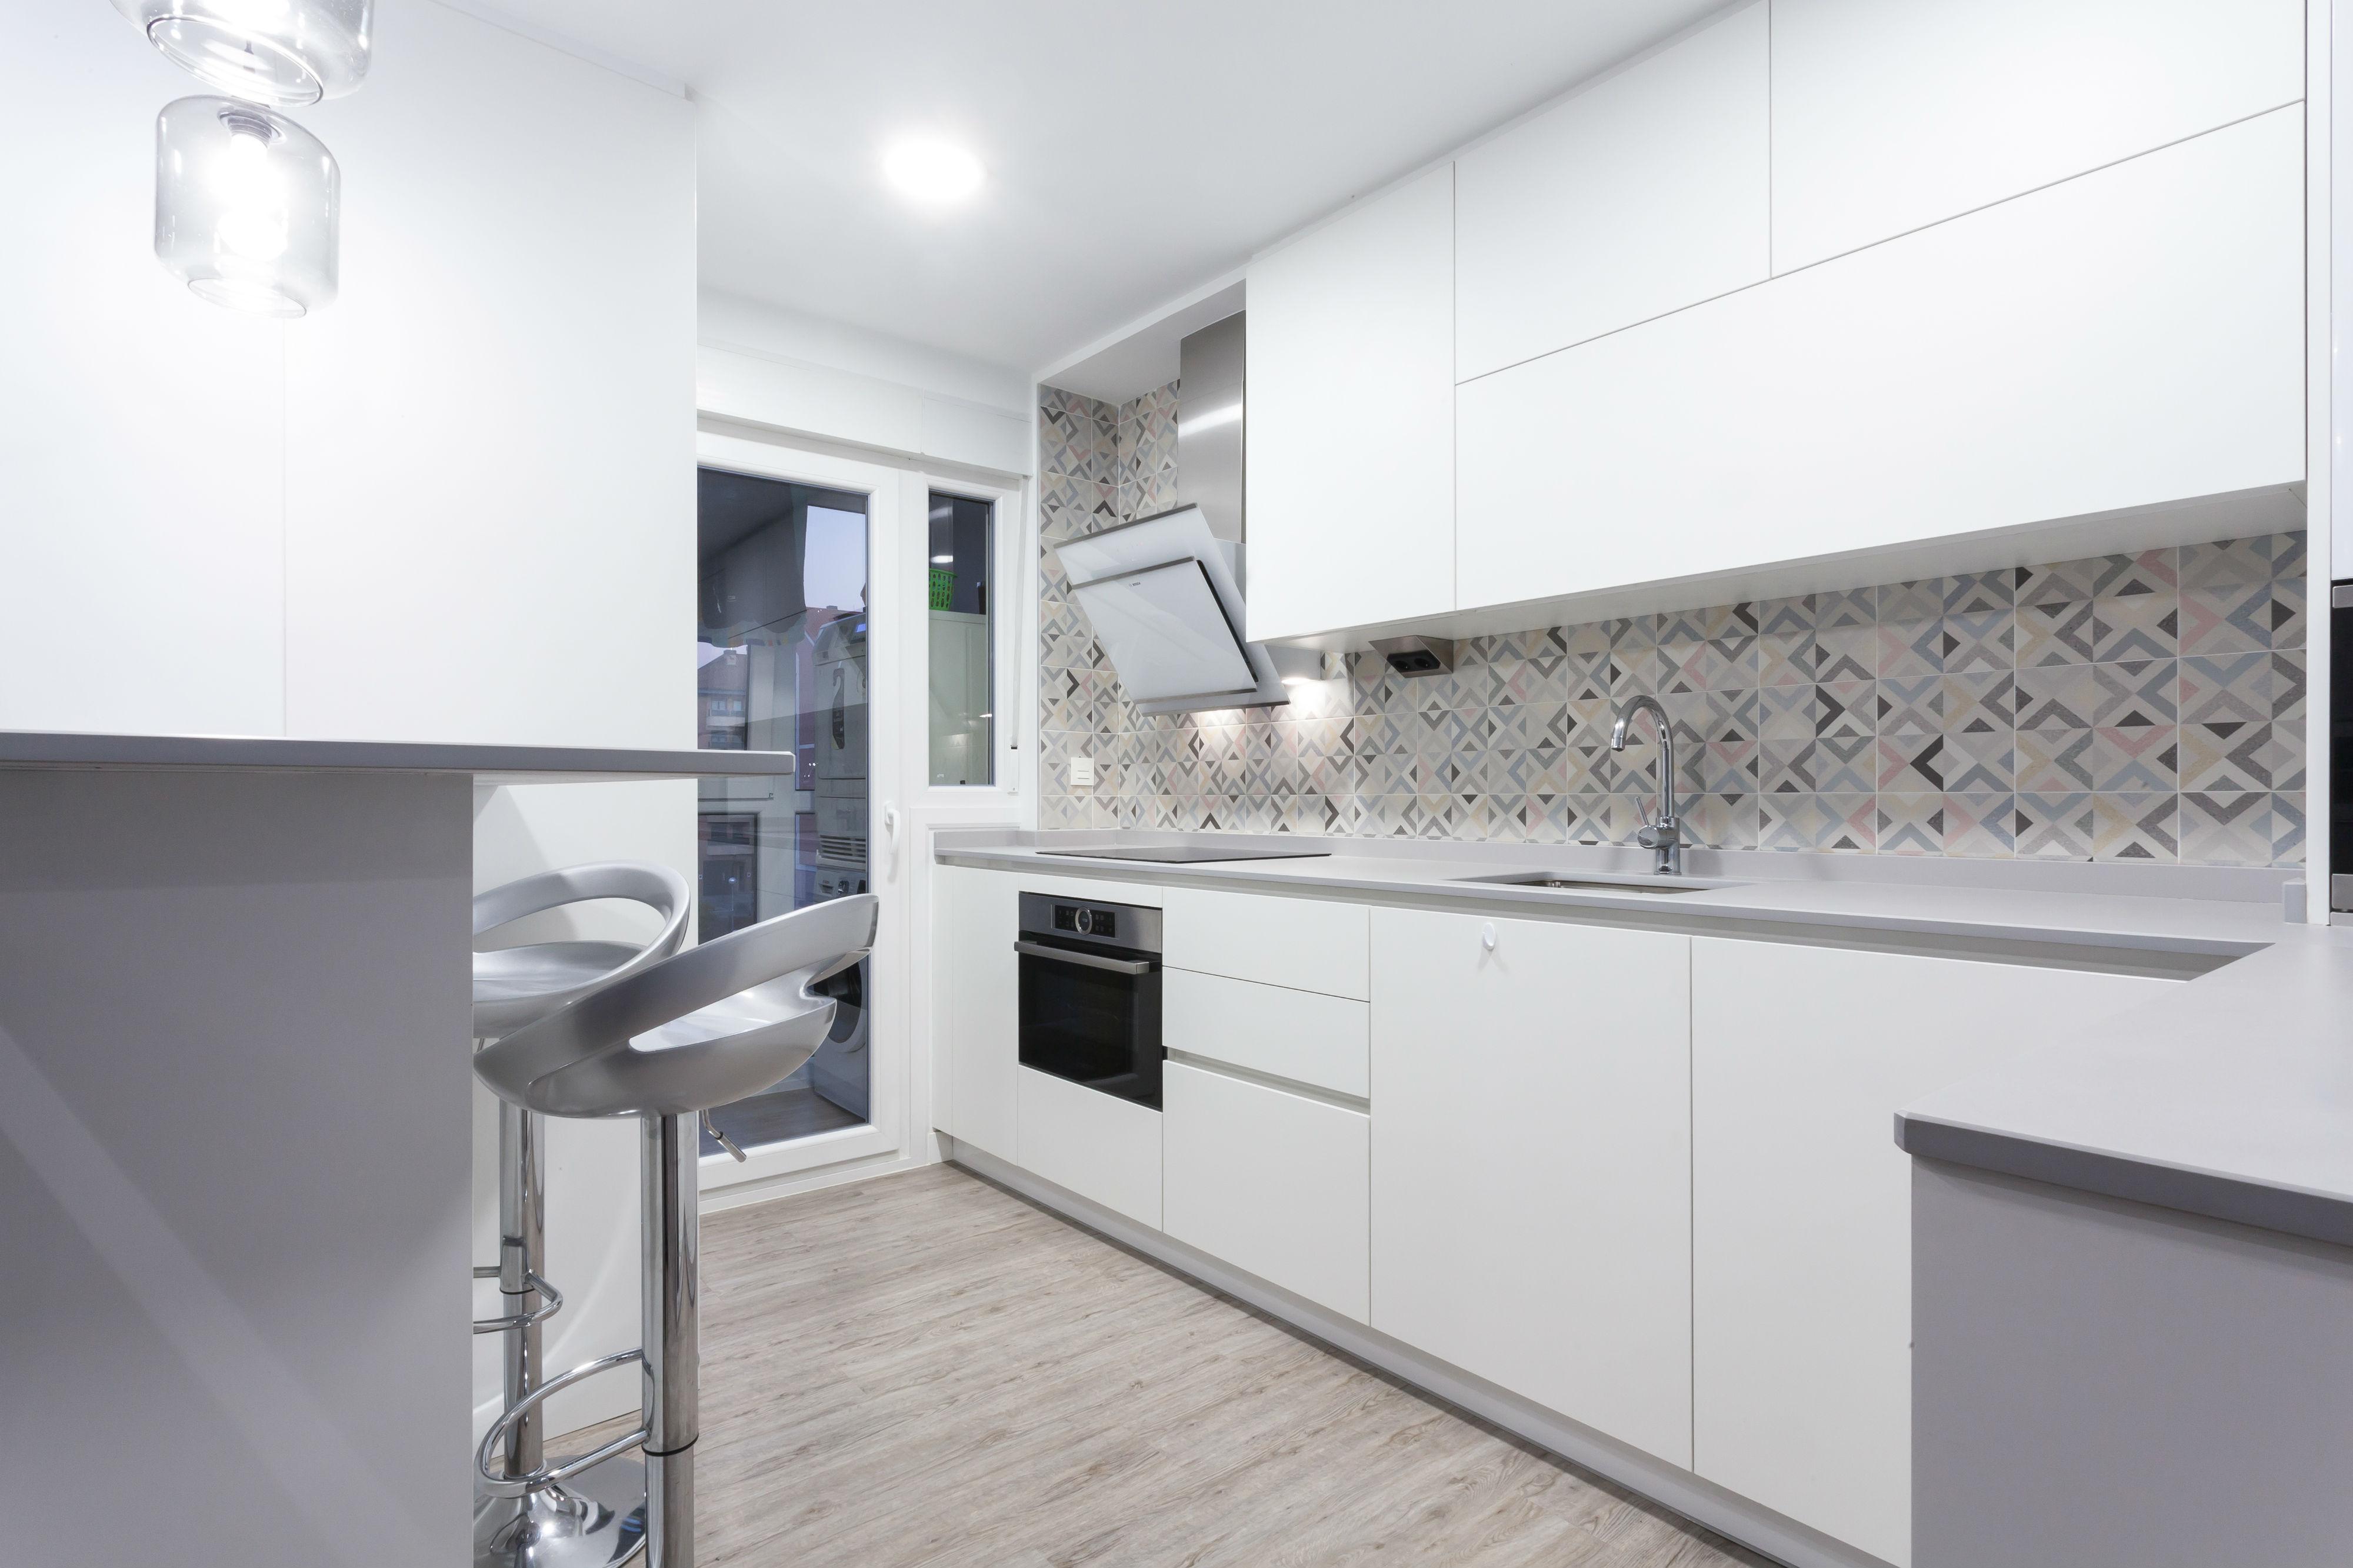 Cocina americana reformada en una vivienda de Galdakao con los muebles lacados en blanco